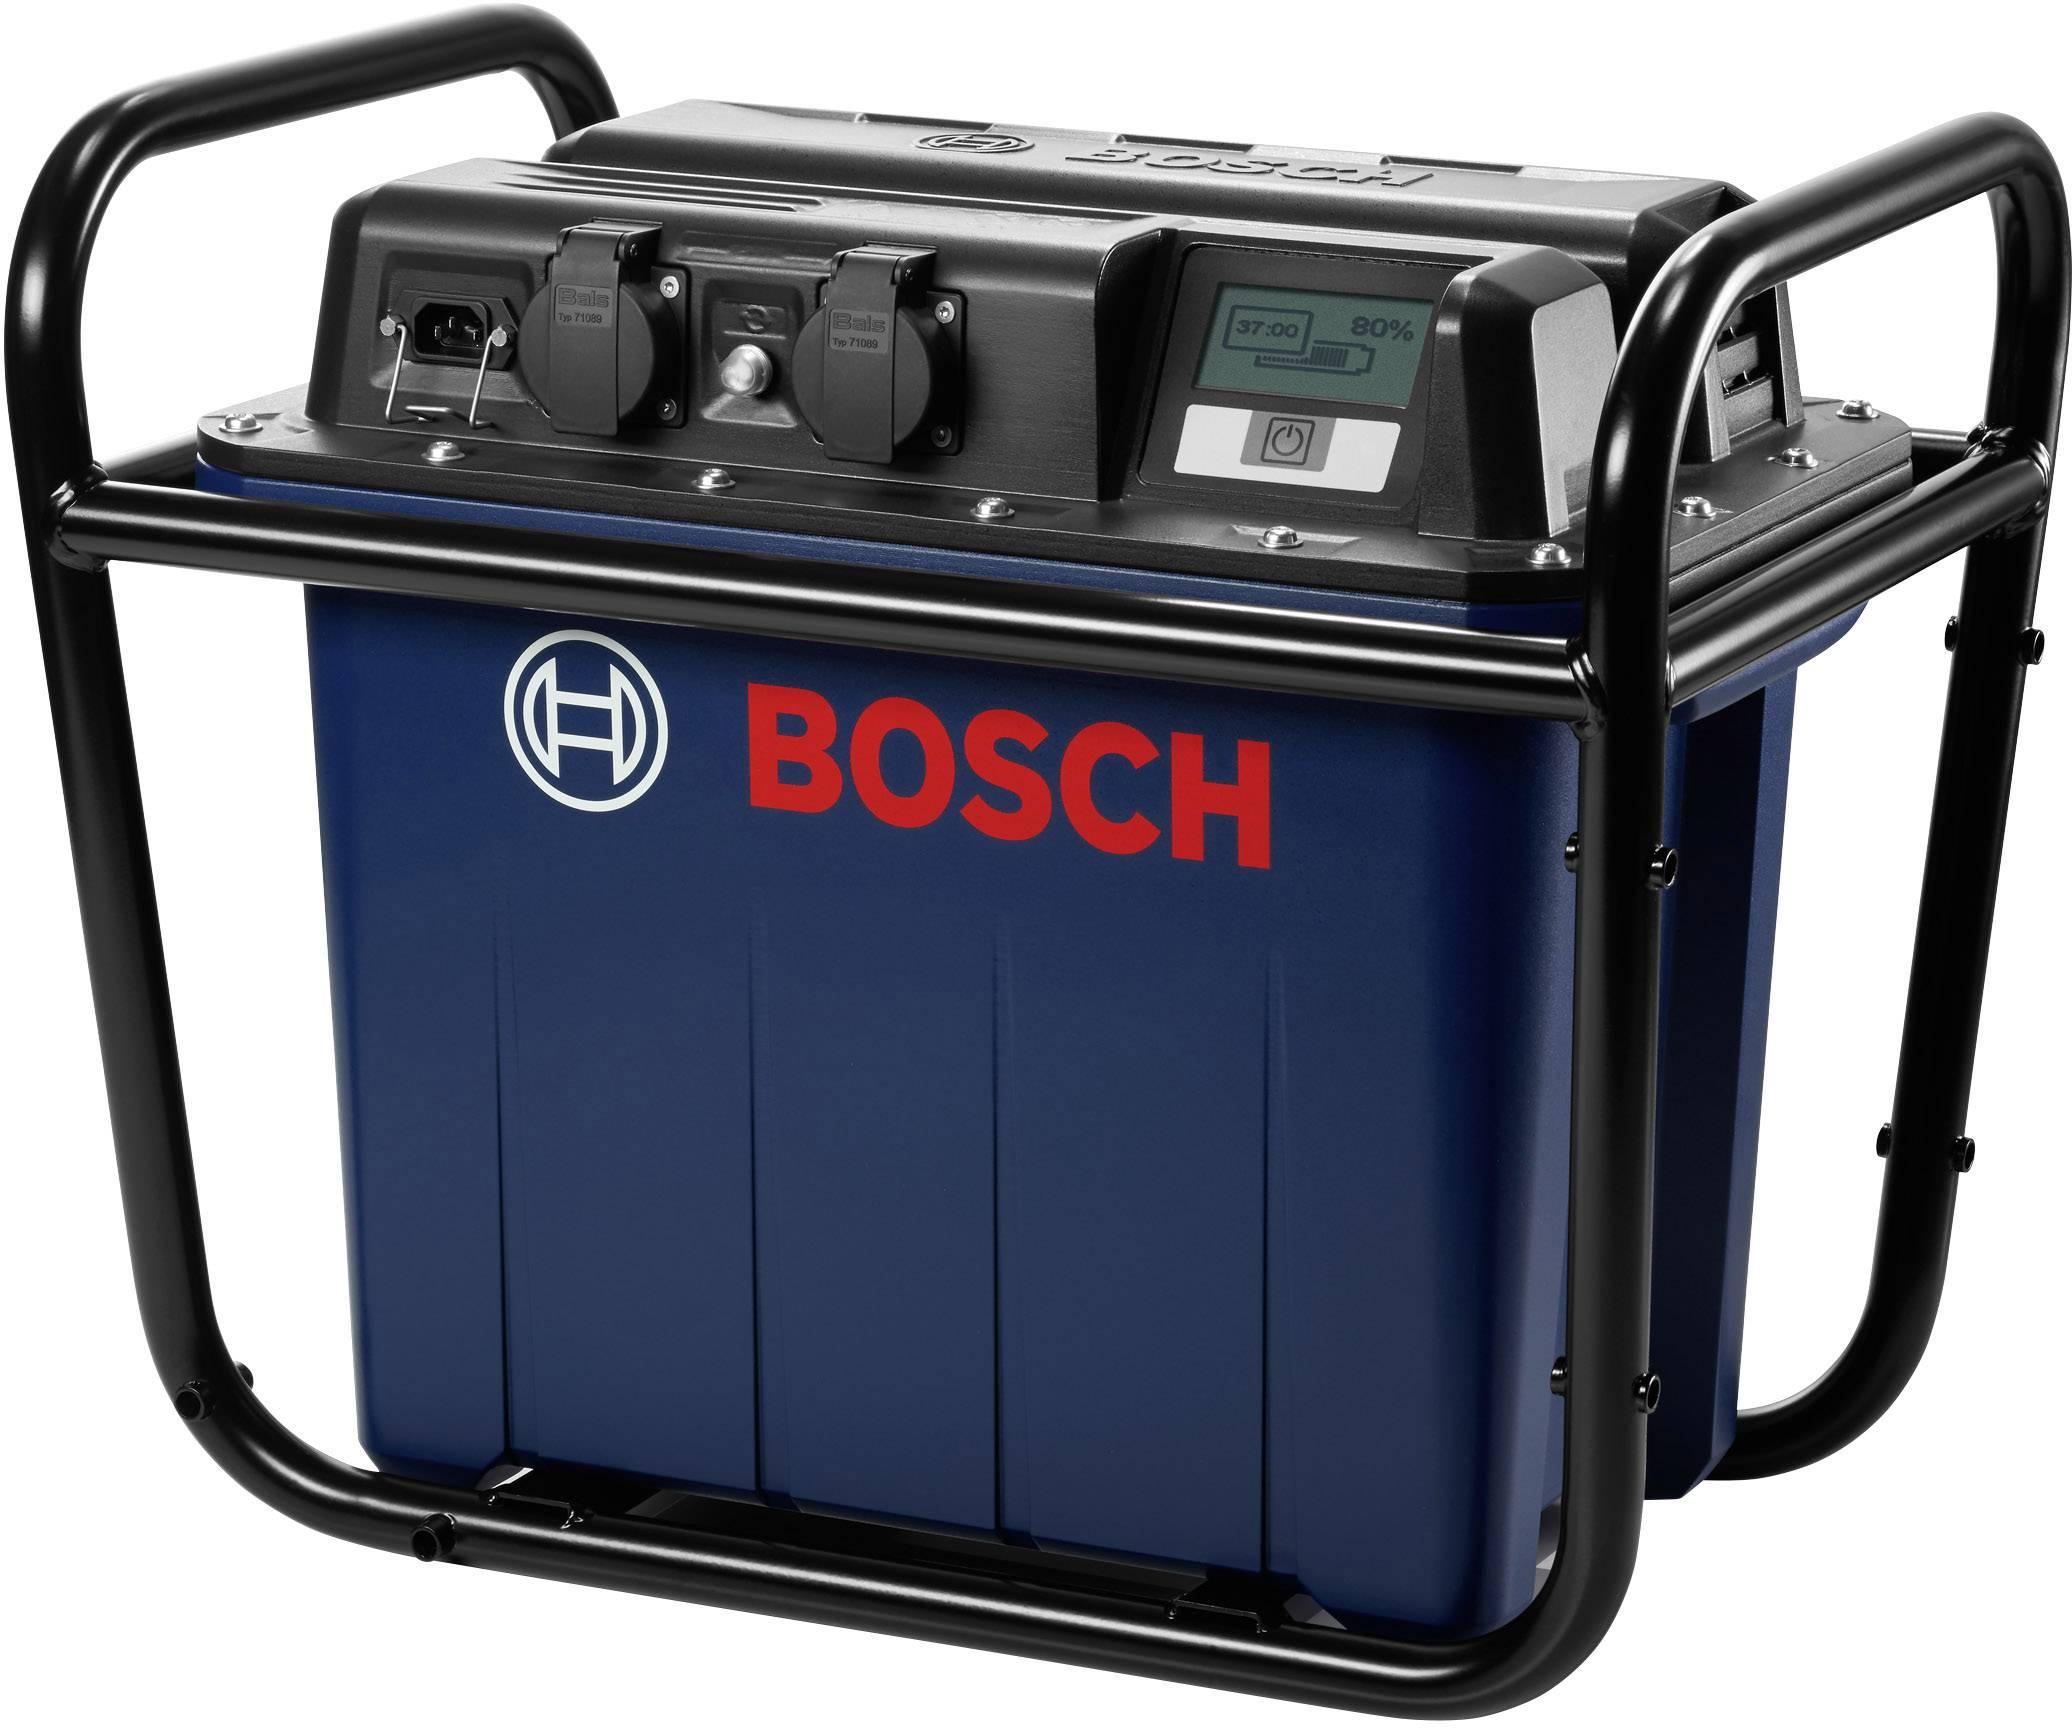 Bosch Professional generátor napětí 600915000